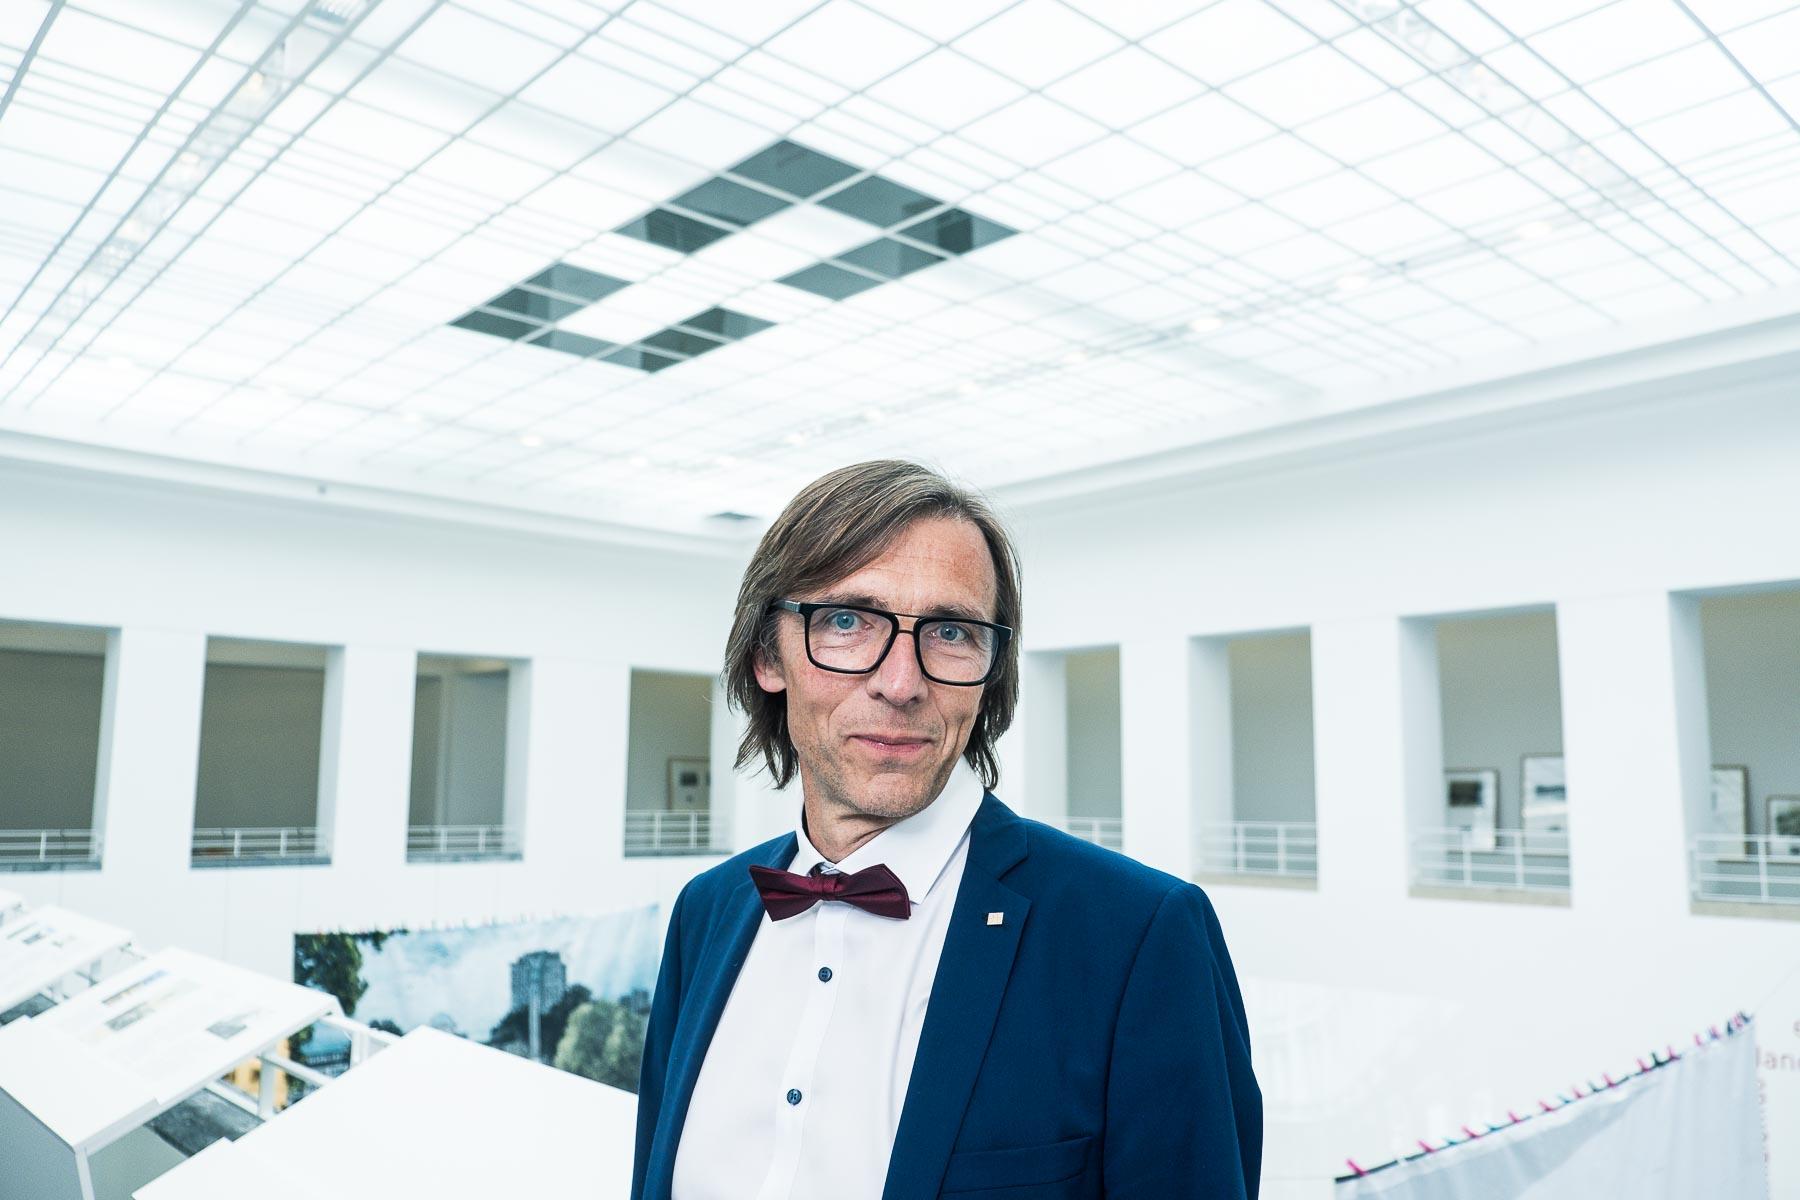 Der Architekt Viktor Nachtigall kandidiert für die Kammerwahl 2020